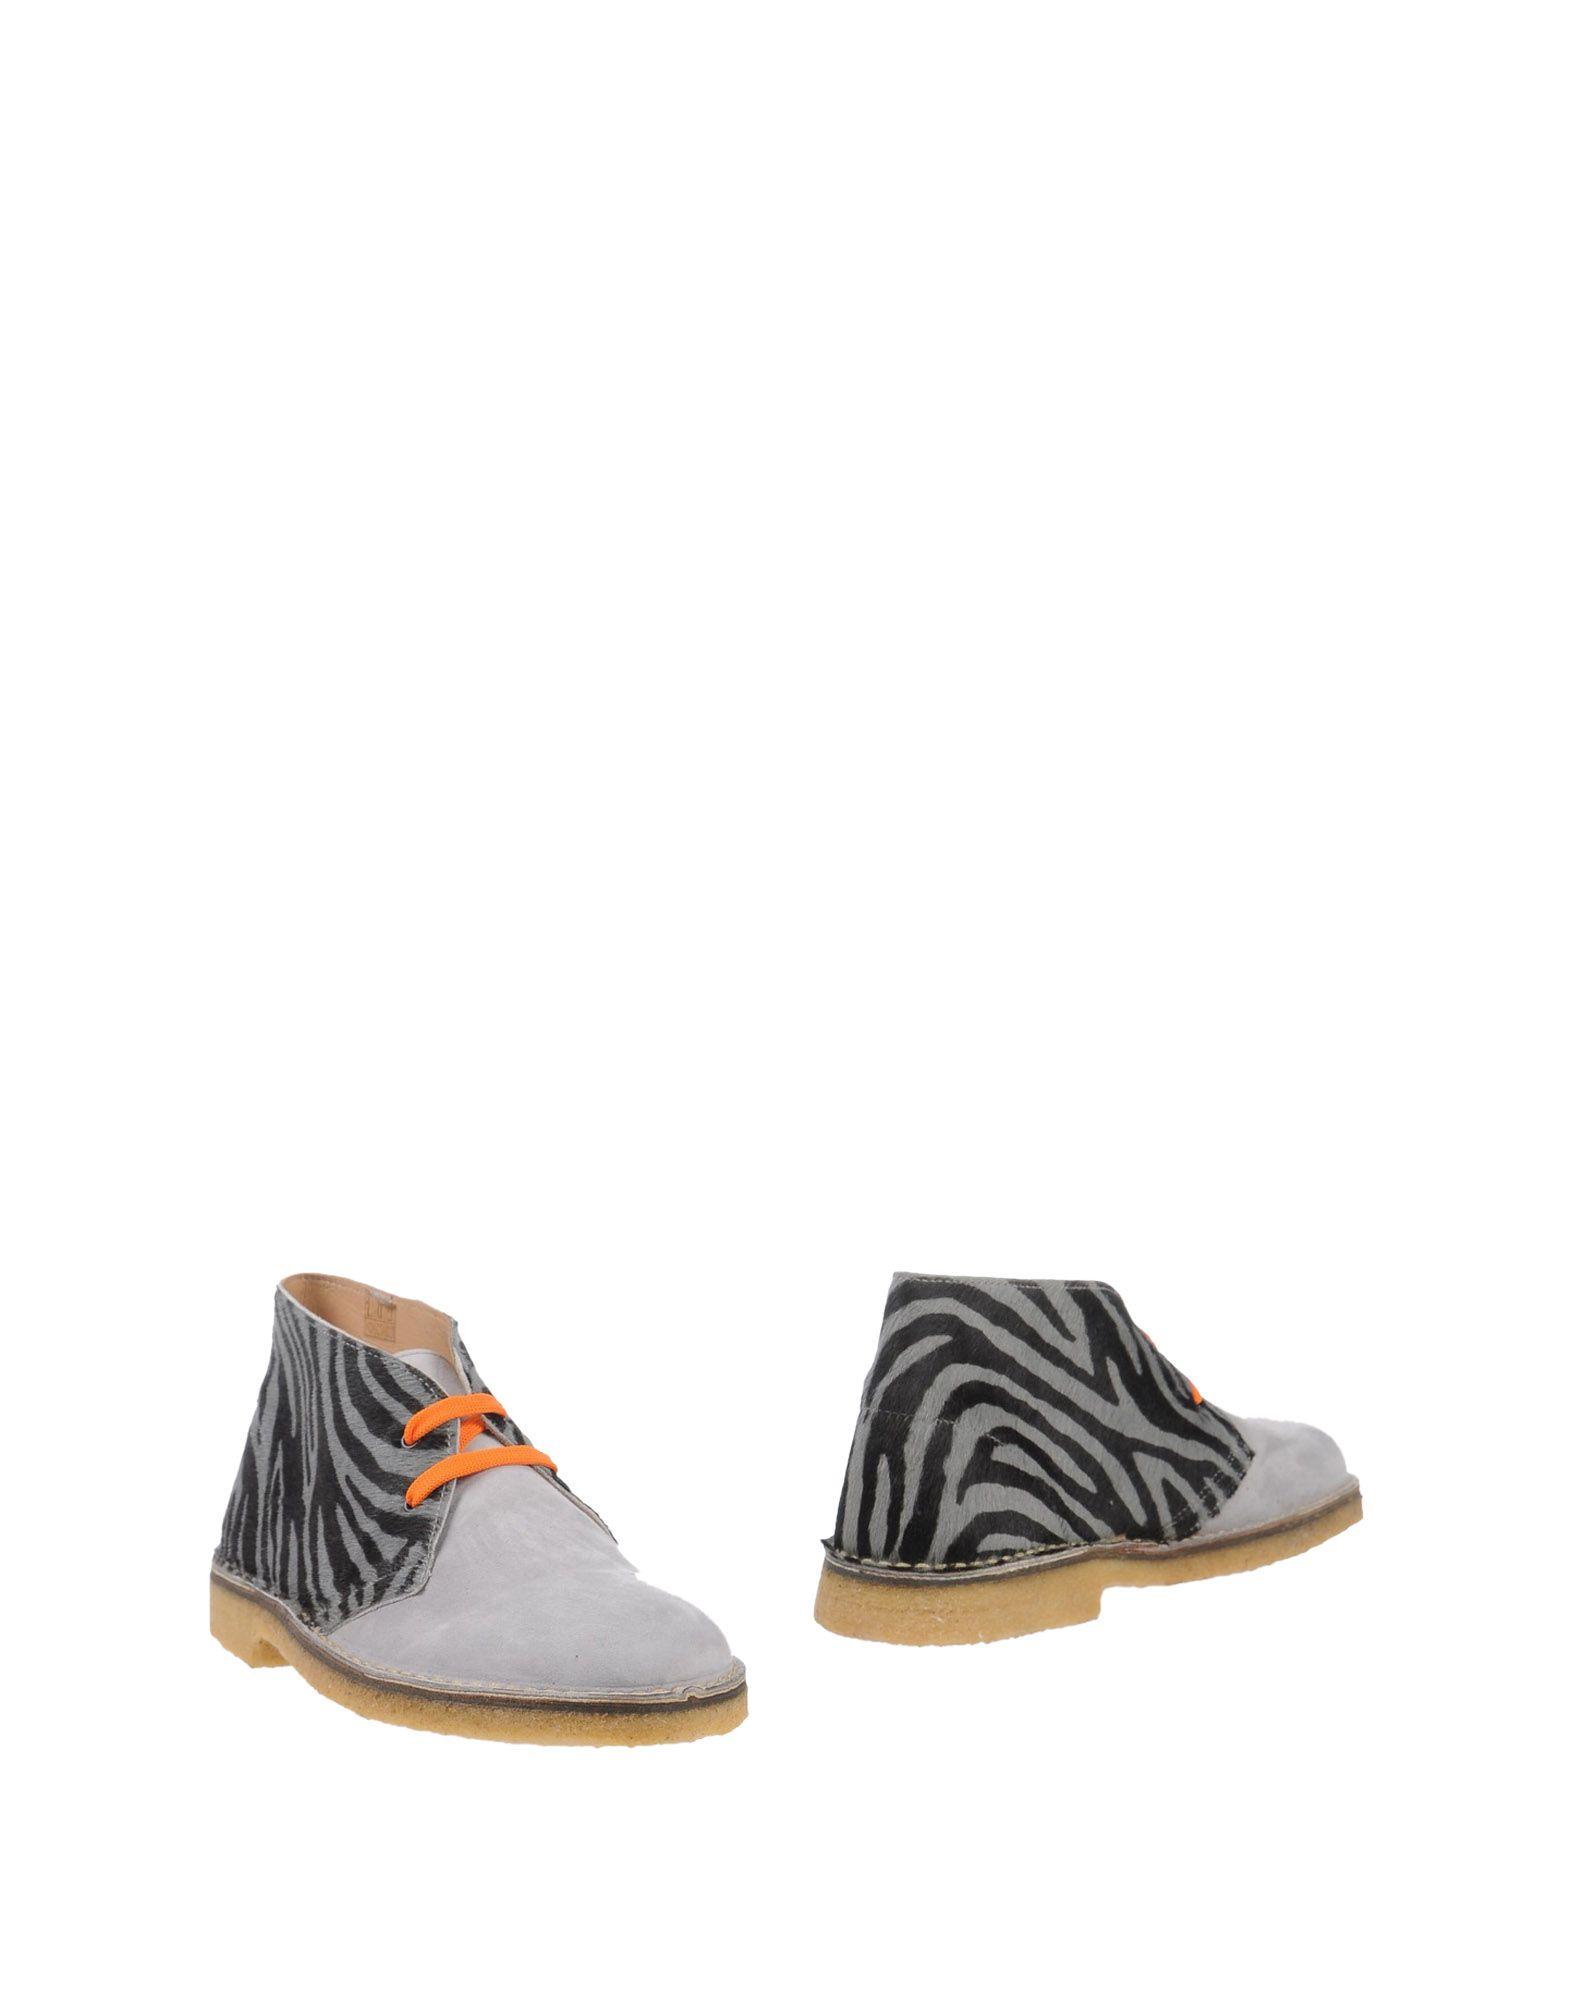 Bottine Yaturni Homme - Bottines Yaturni  Gris Nouvelles chaussures pour hommes et femmes, remise limitée dans le temps